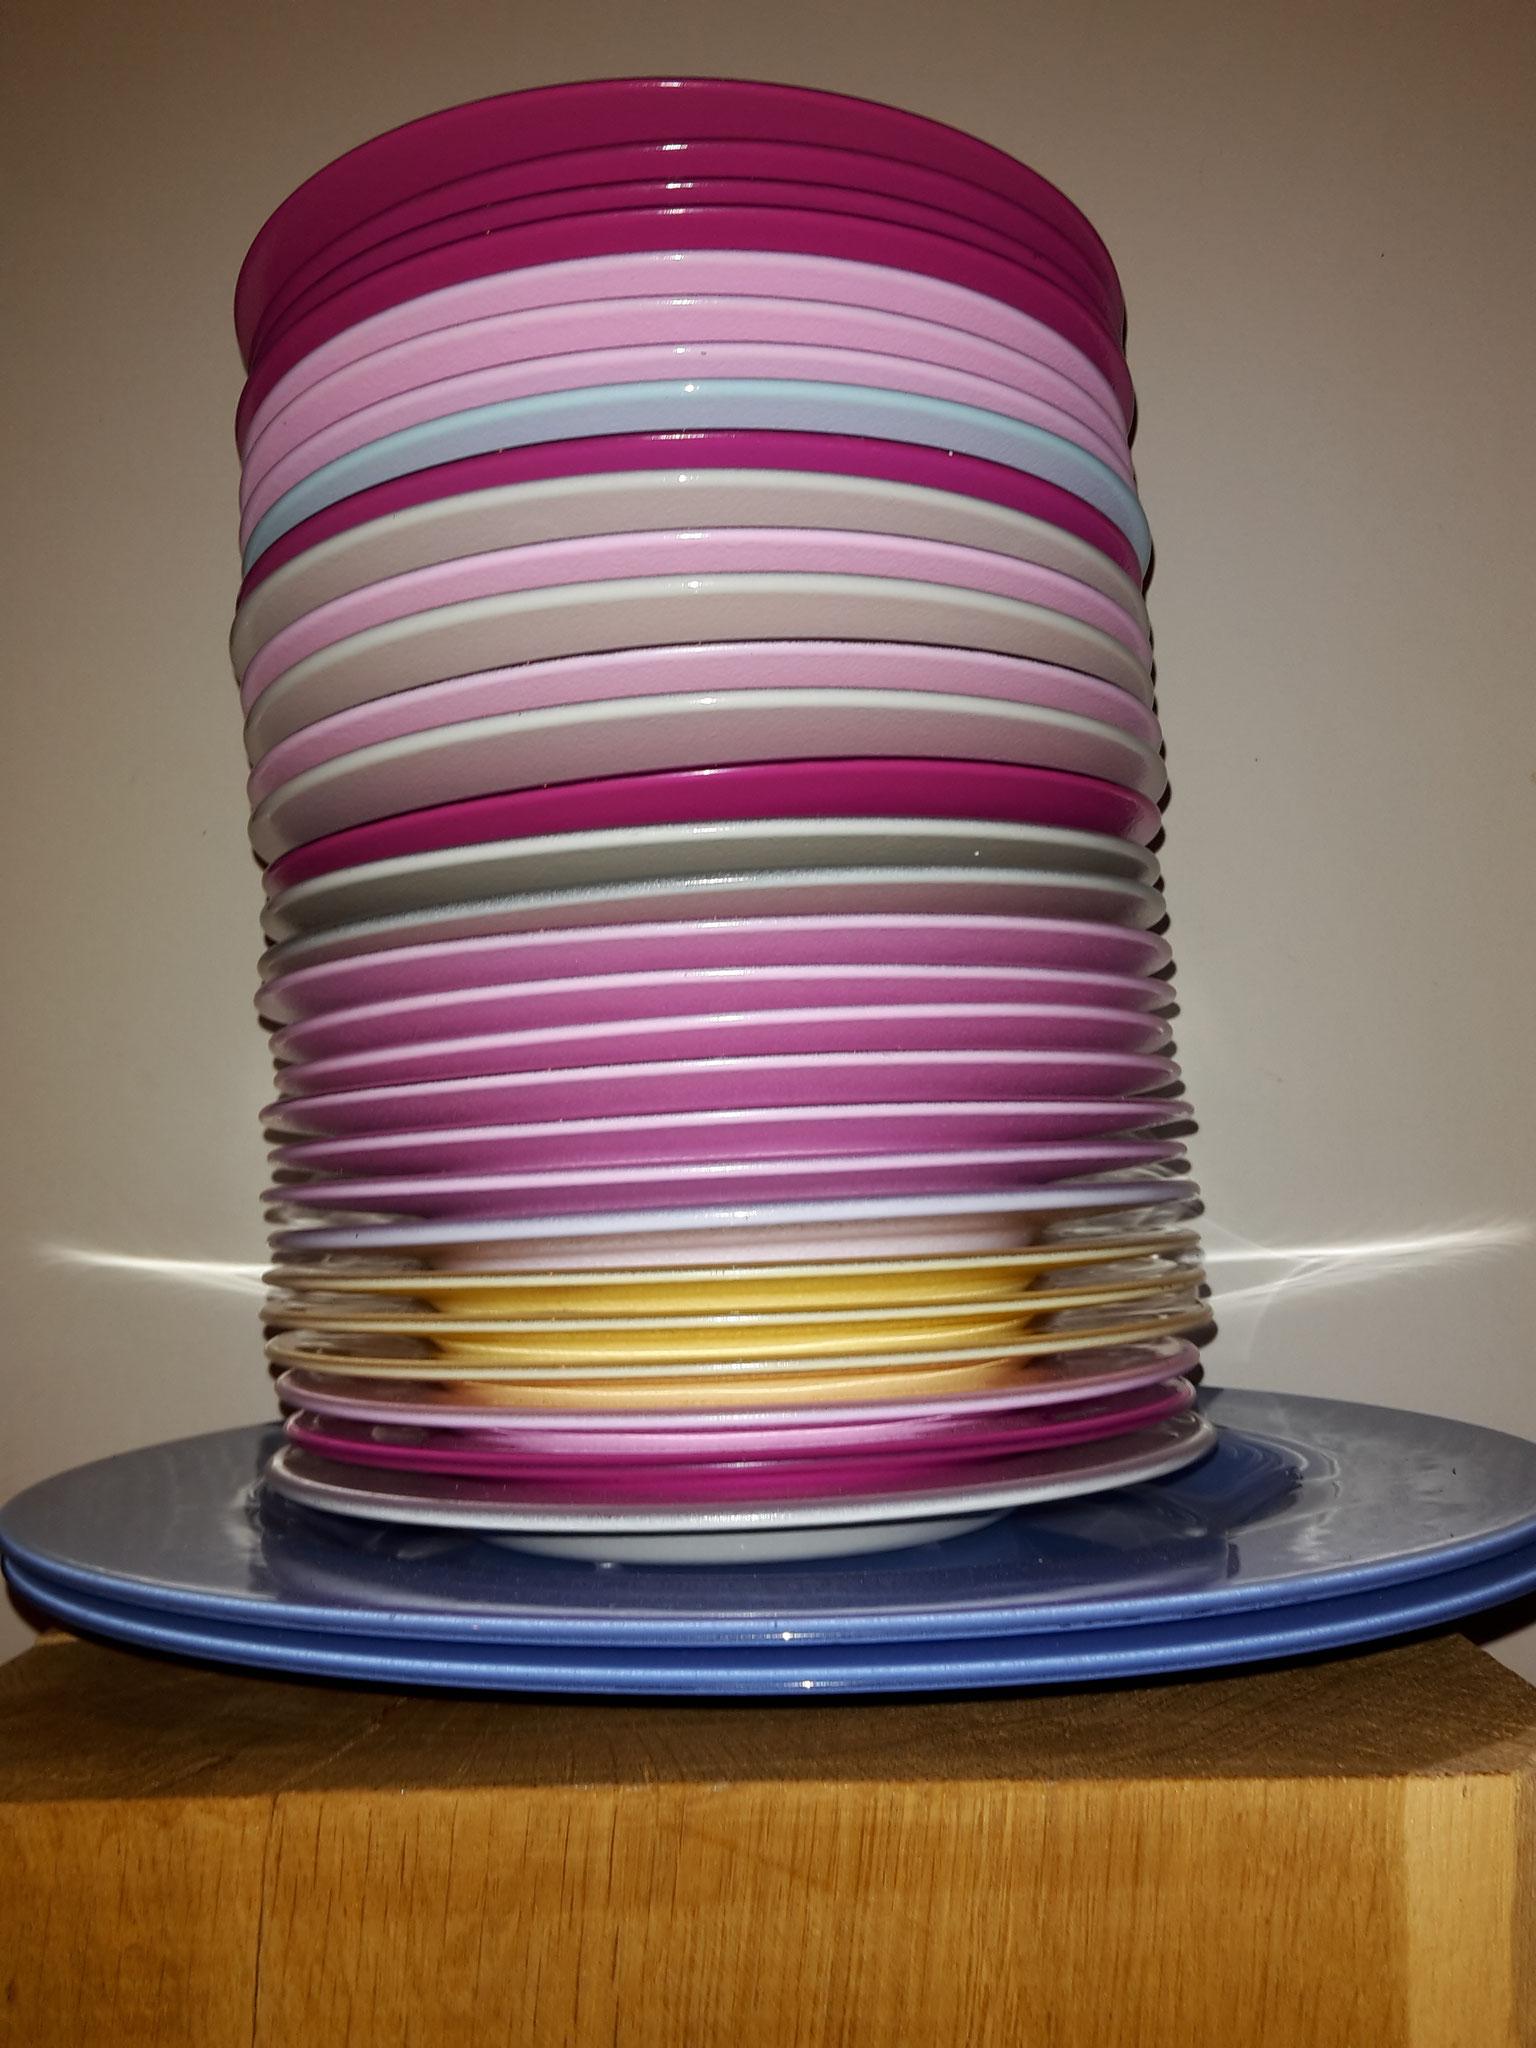 Glasteller in vielen verschiedenen Farben